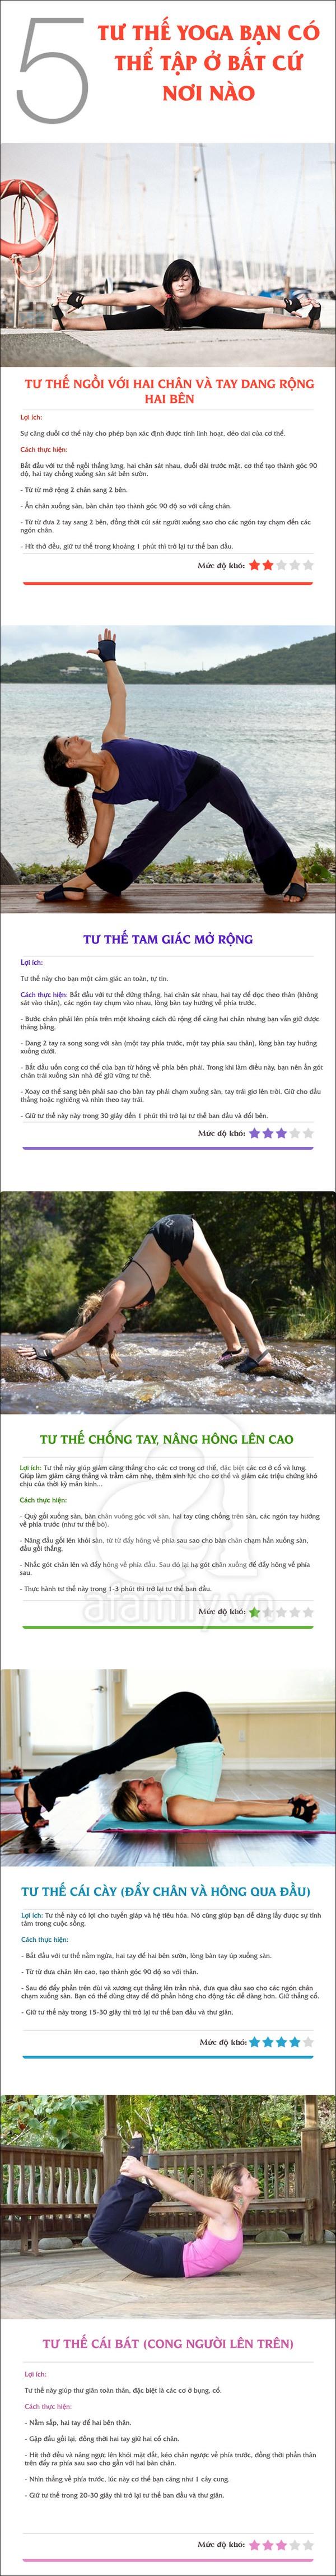 5 tư thế yoga bạn có thể tập ở bất cứ nơi nào 1